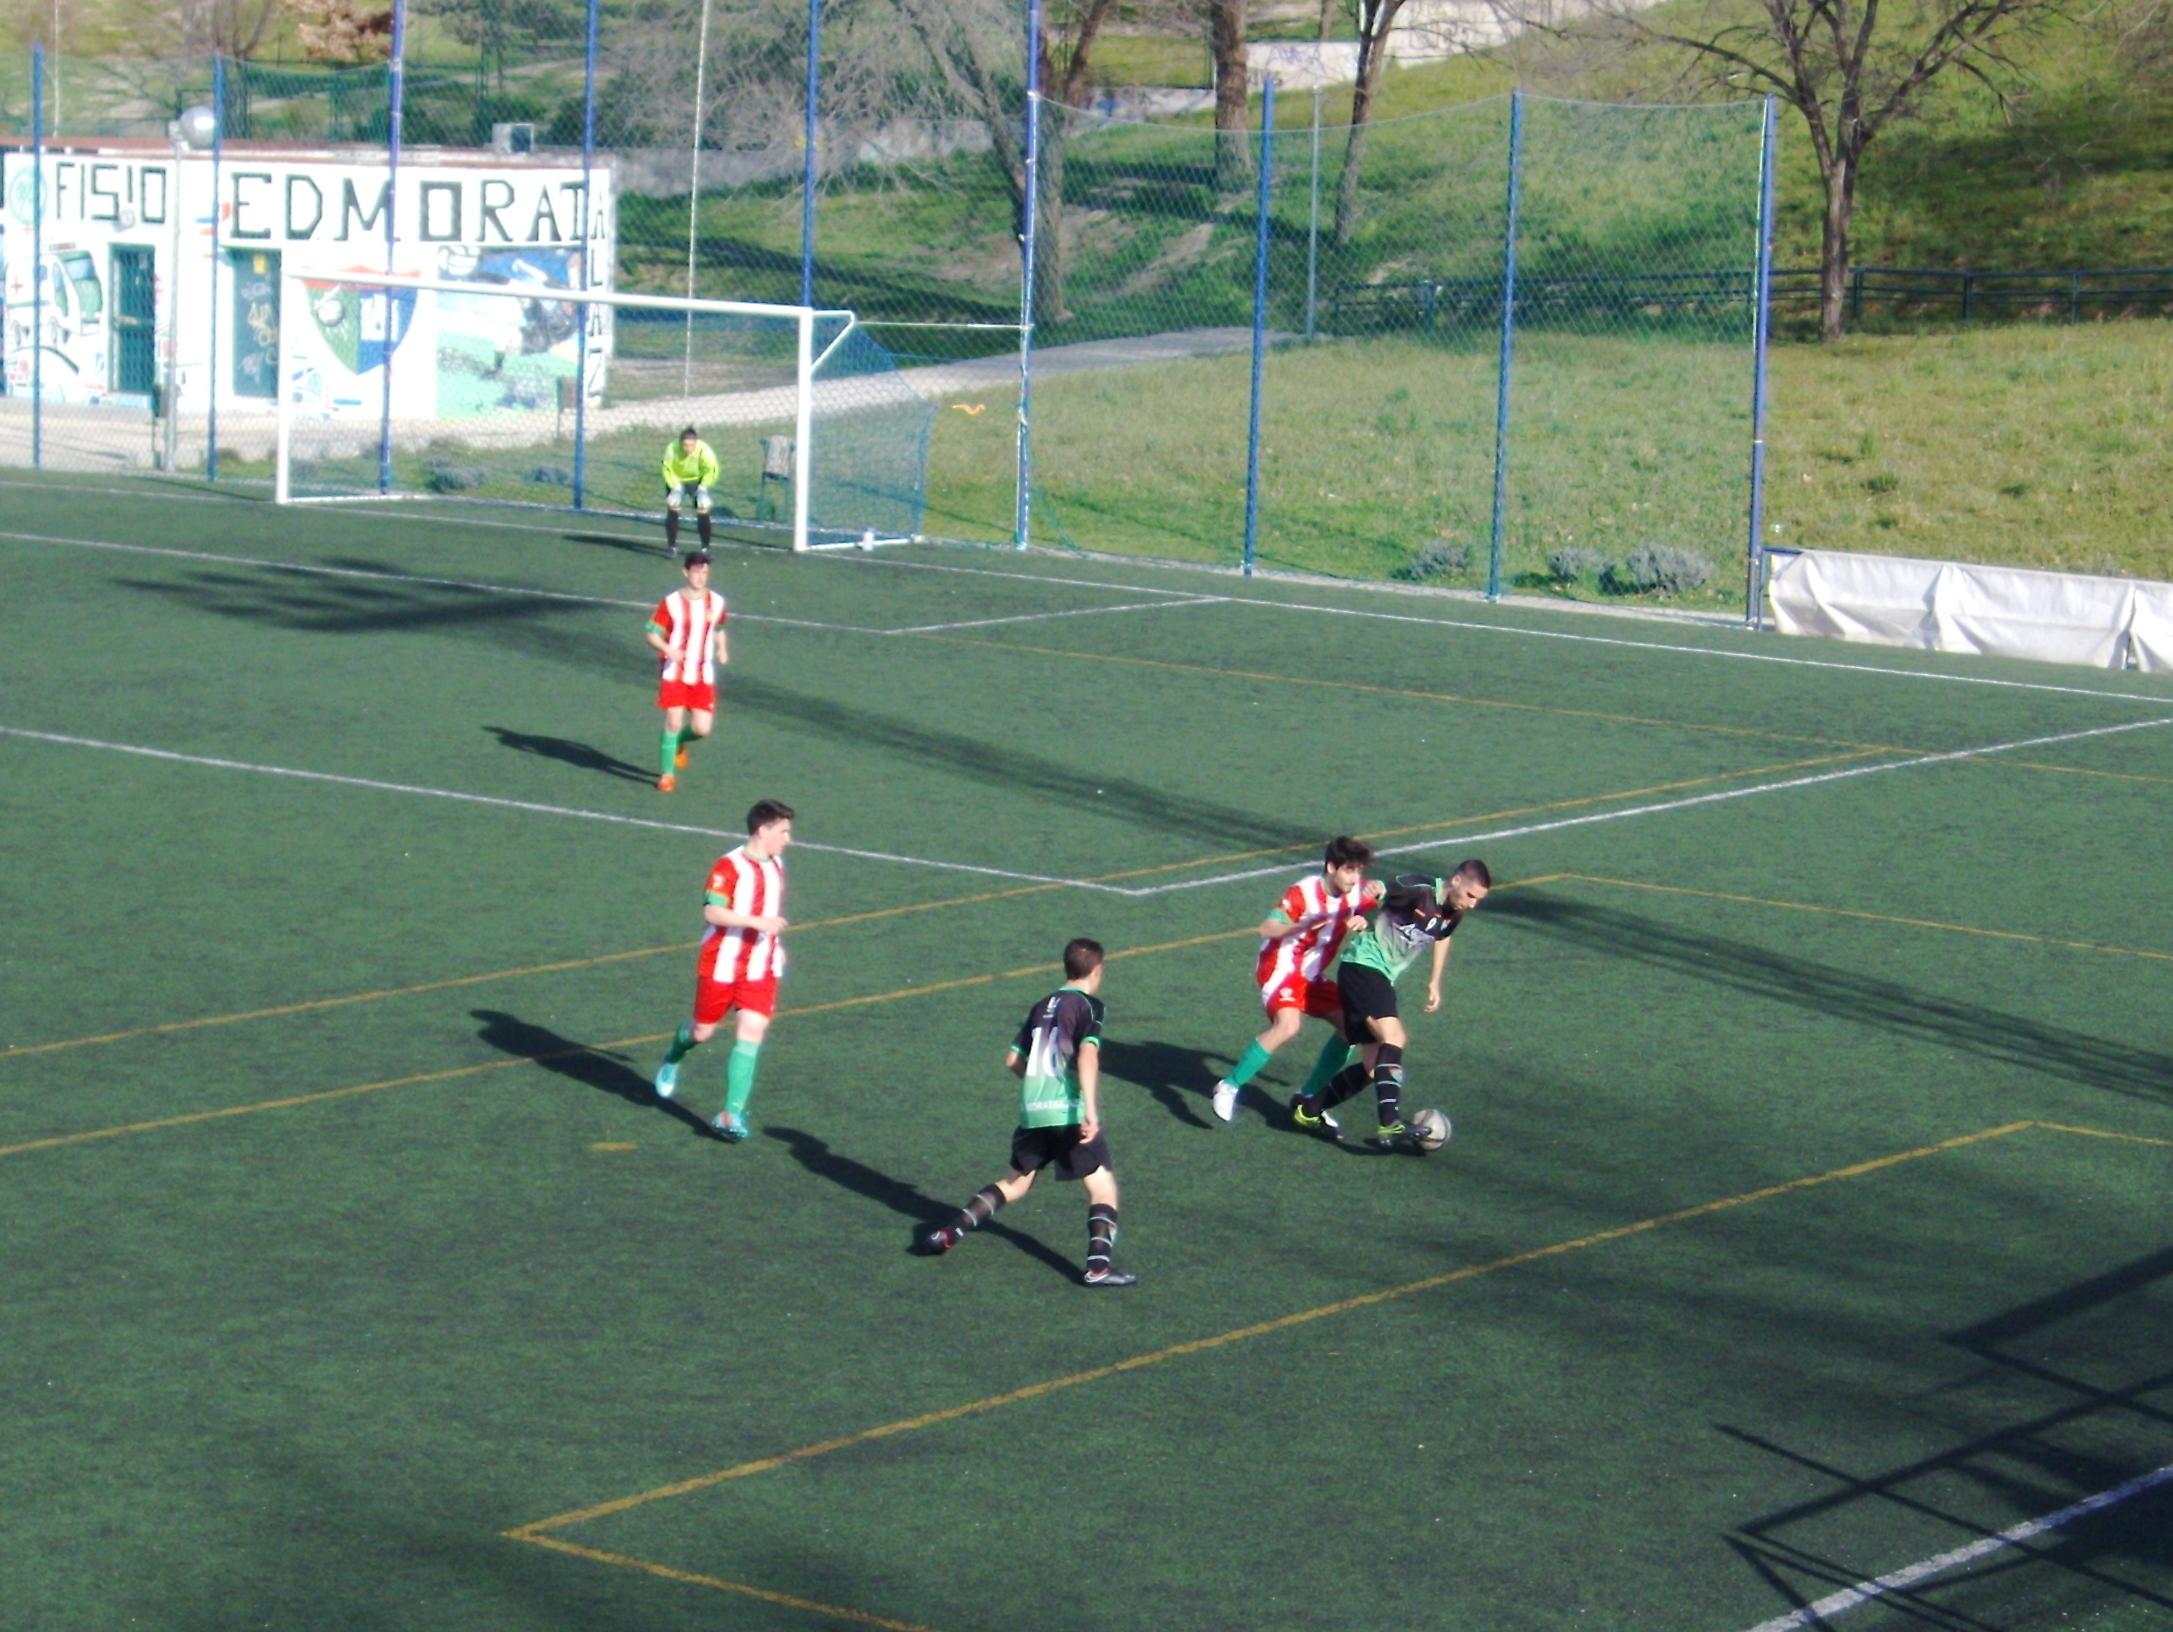 Crónica y fotos del partido de liga EDM Juvenil D 1 – 1 Atlético Cañada A